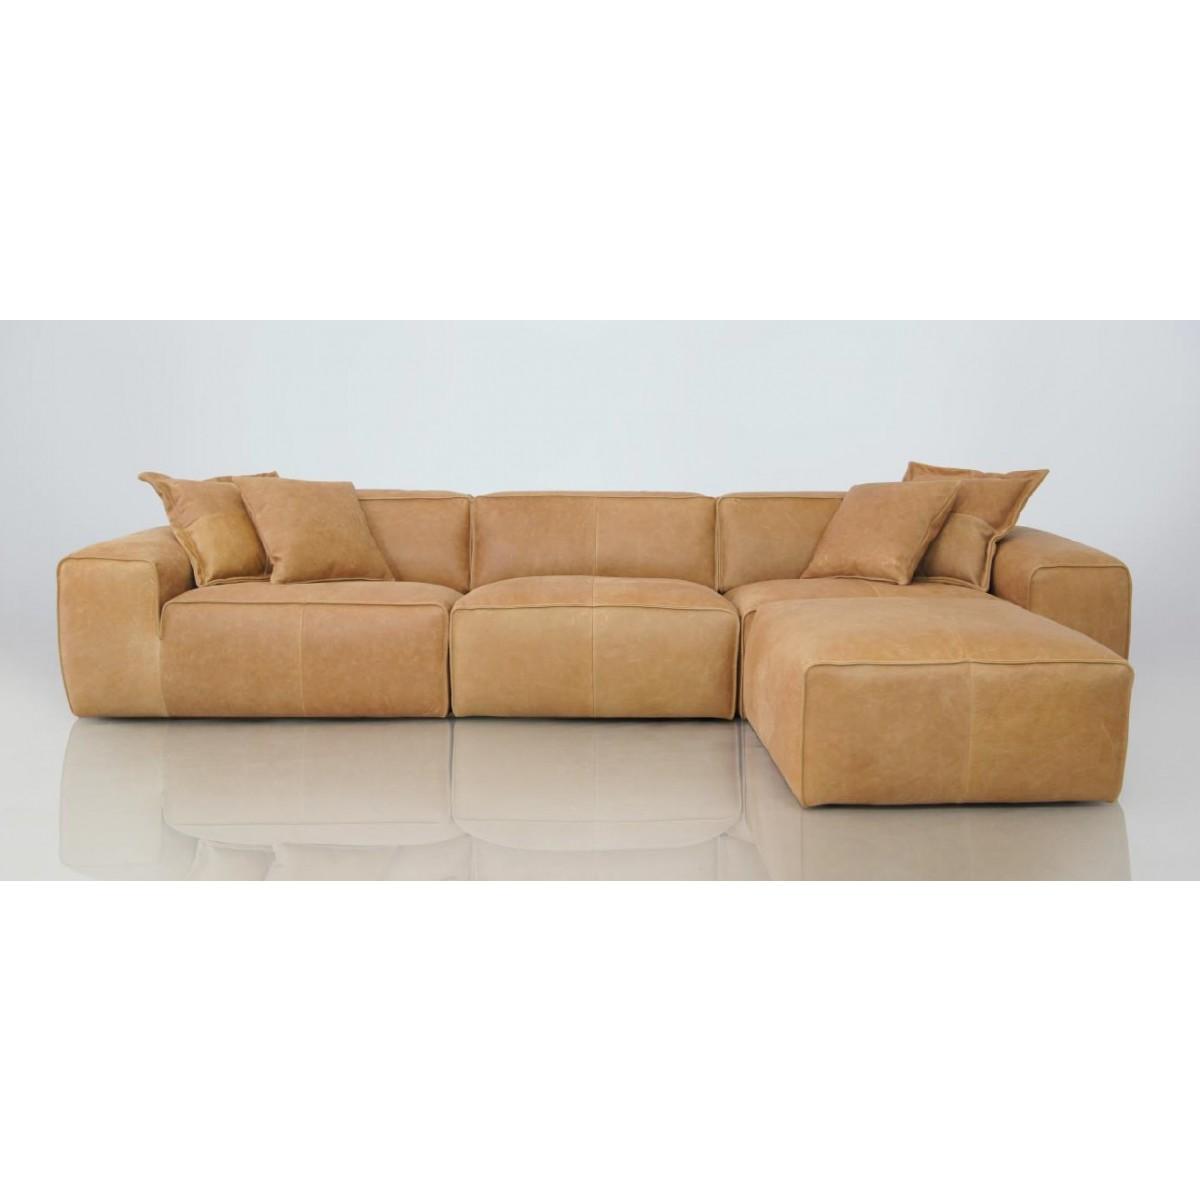 Ecksofa vintage leder  Bigg Sofa   Elementensofas Leder   I Live Design Preisgünstig online ...